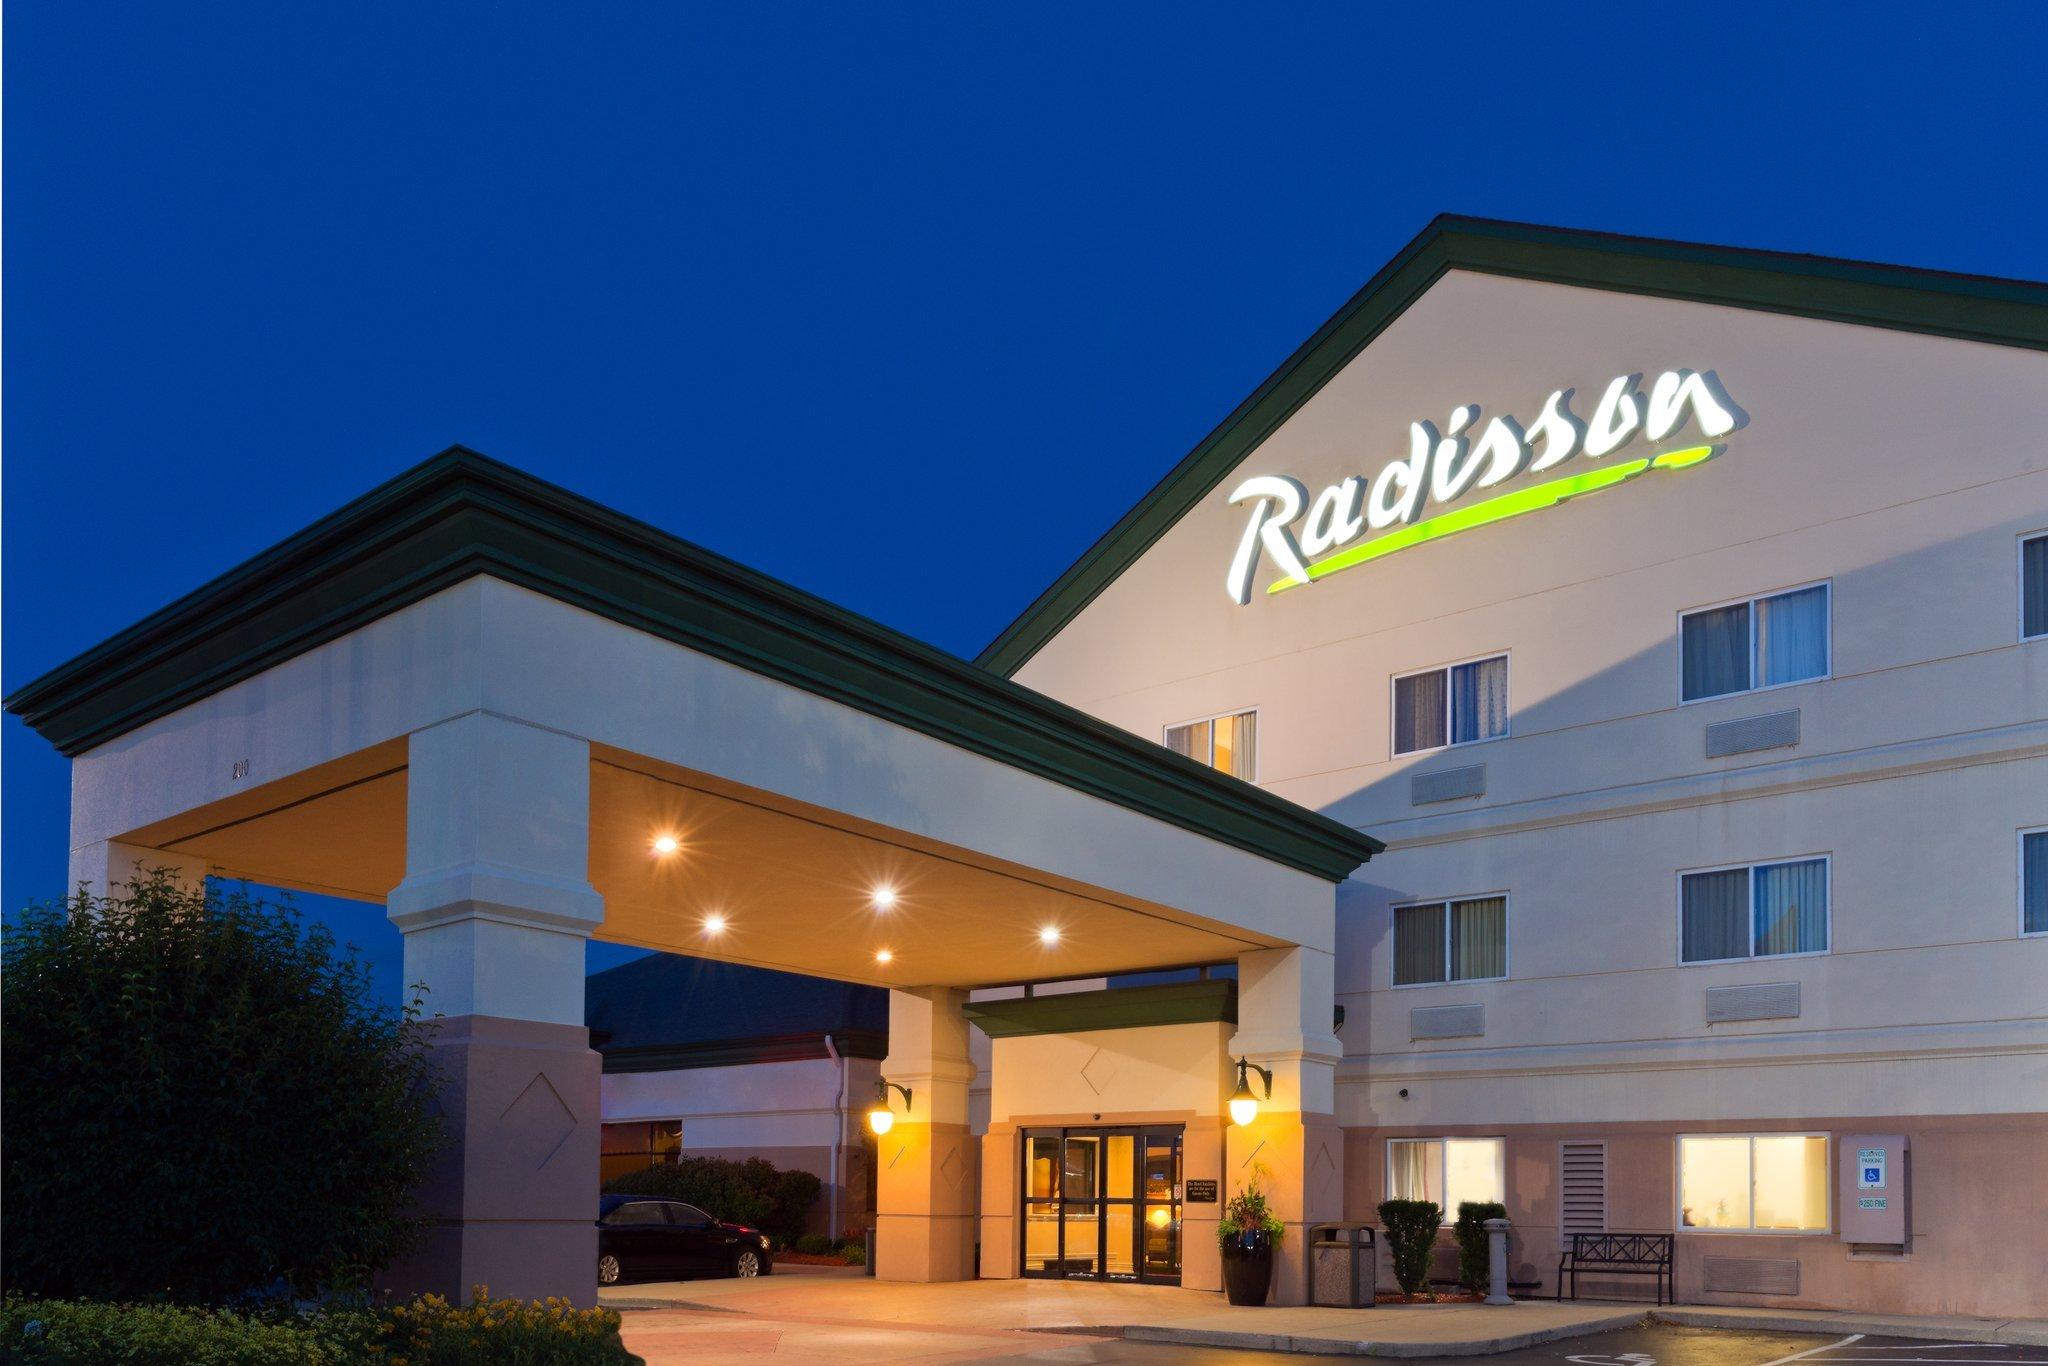 羅克福德拉迪森飯店和會議中心